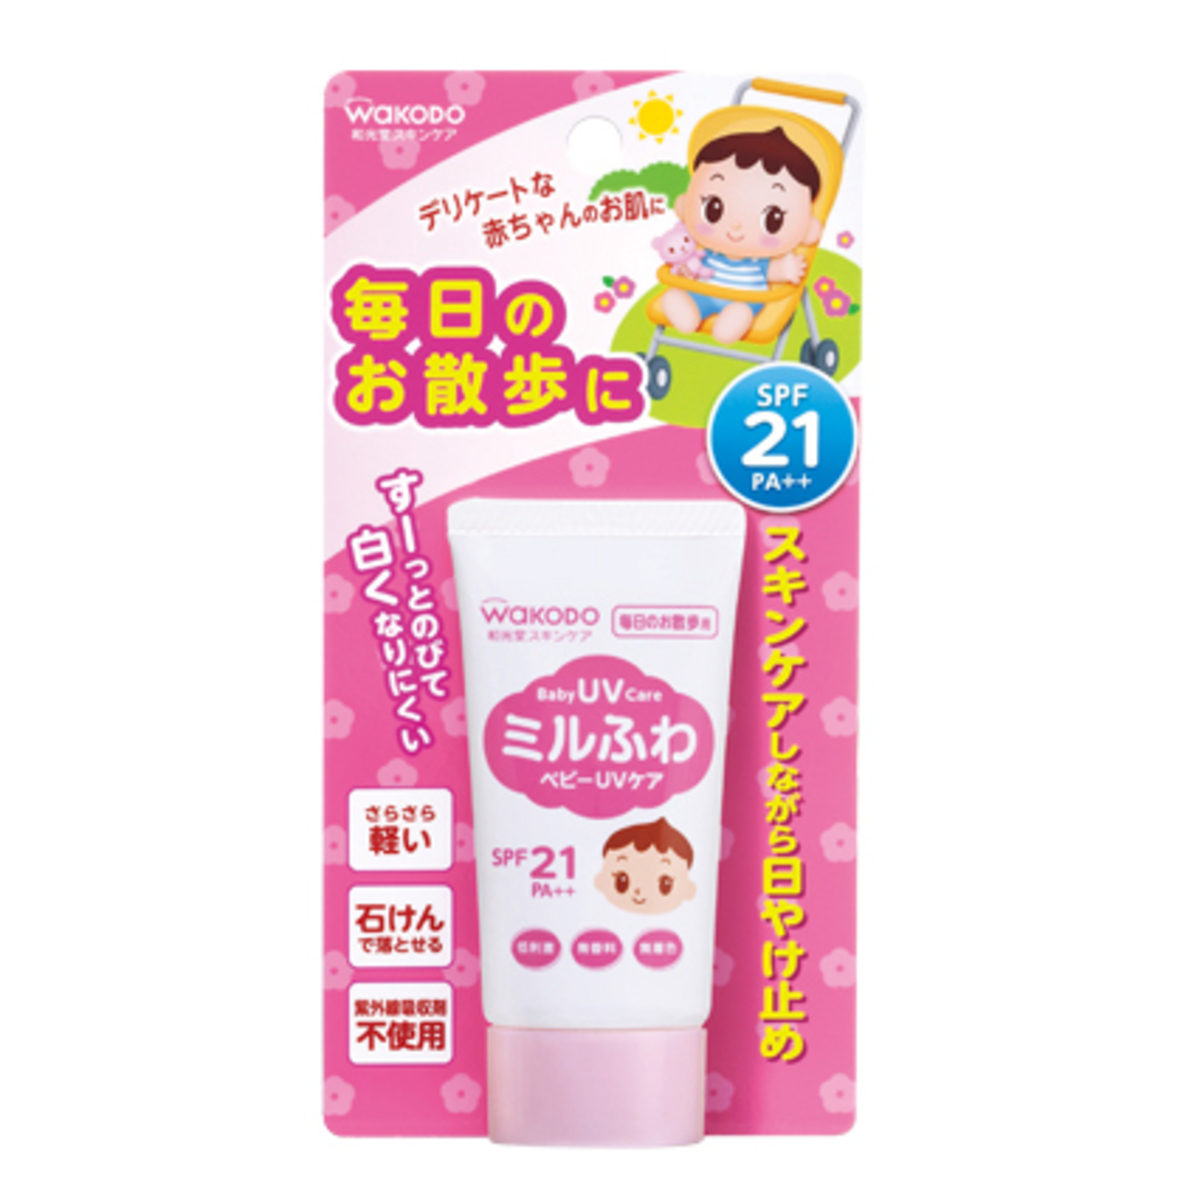 嬰幼兒UV防曬乳液SPF21 PA++ 30g